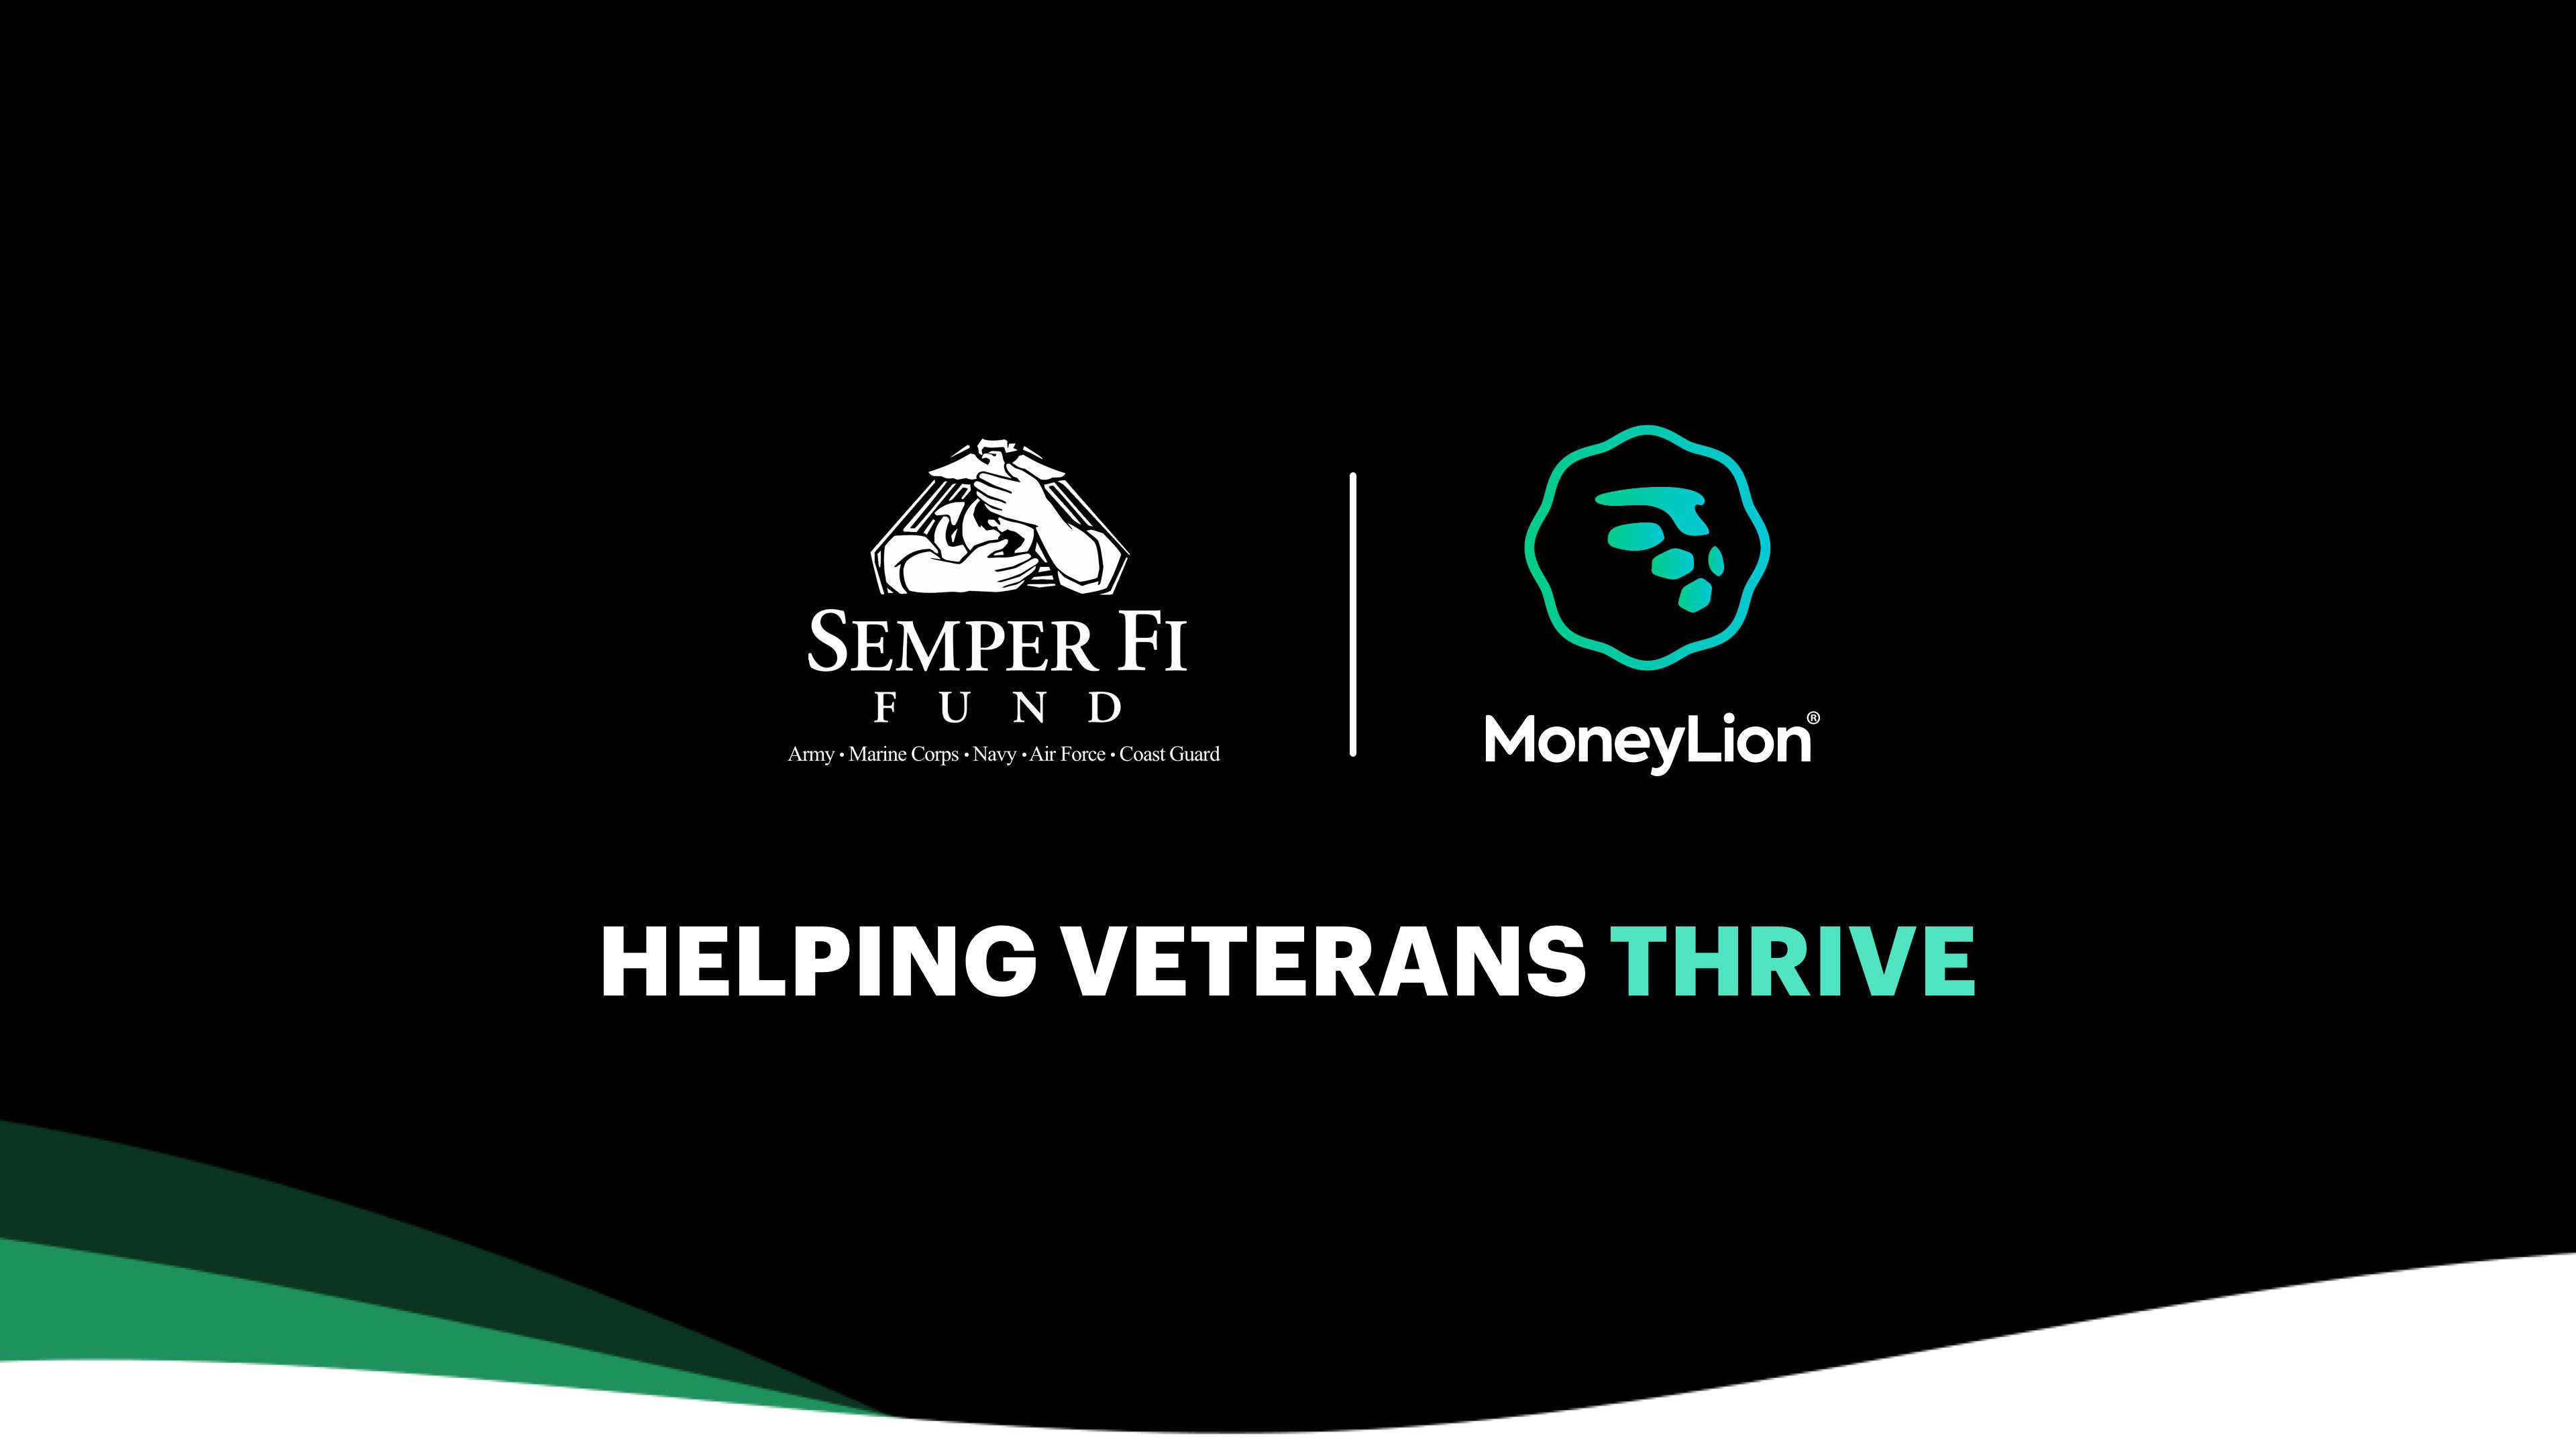 Blog ML Semper Fi Fund and MoneyLion Help Veterans Thrive 11052018 V2